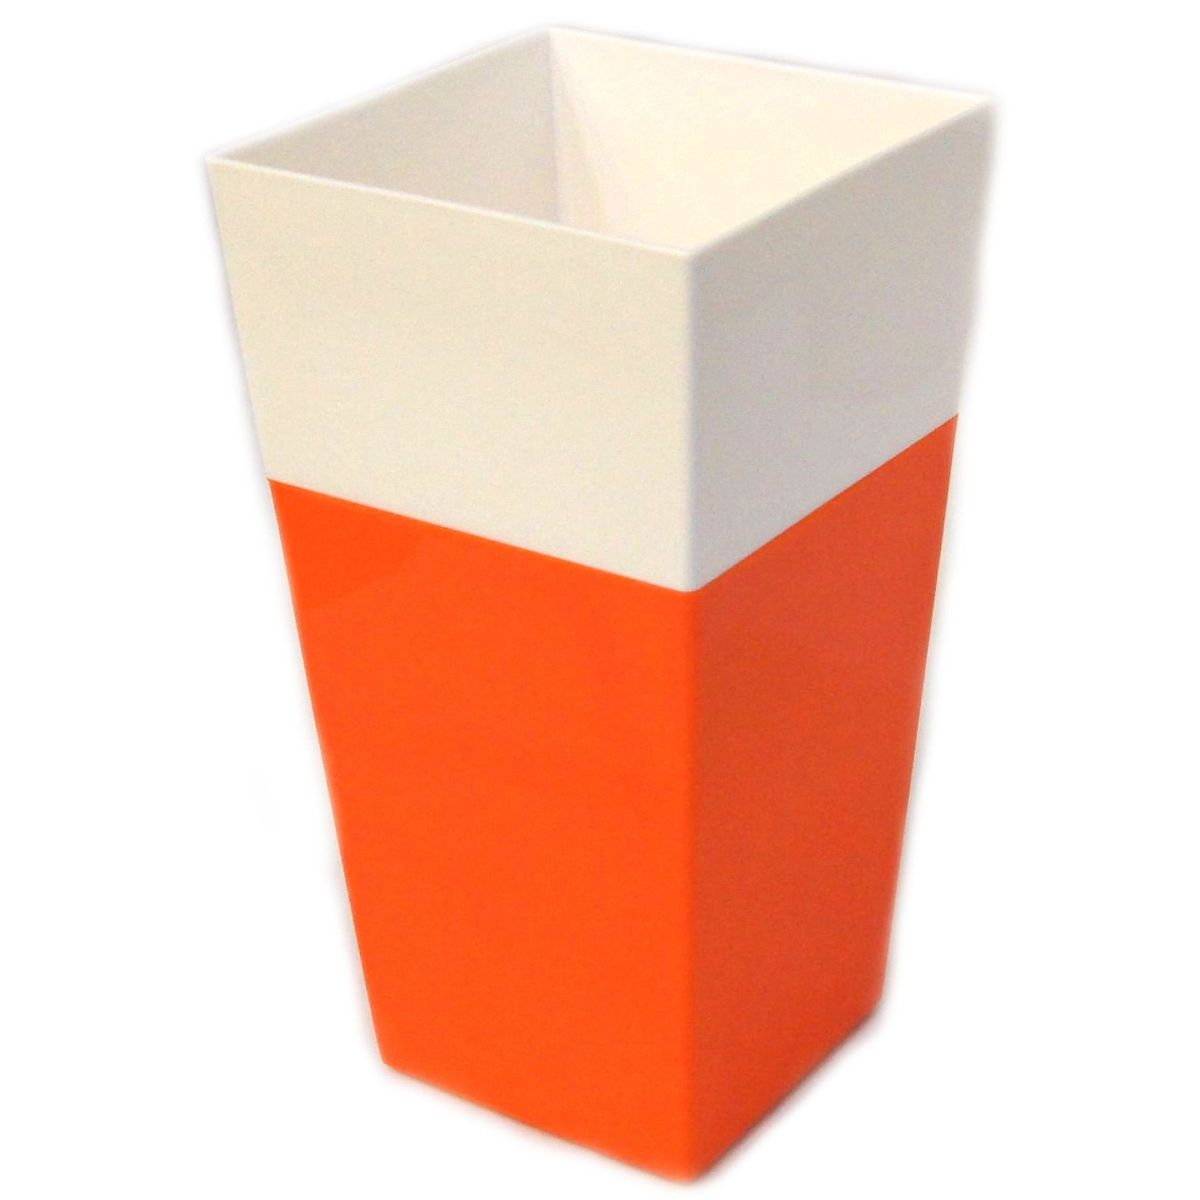 Кашпо JetPlast Дуэт, цвет: оранжевый, белый, высота 34 см531-402Кашпо имеет строгий дизайн и состоит из двух частей: верхней части для цветка и нижней – поддона. Конструкция горшка позволяет, при желании, использовать систему фитильного полива, снабдив горшок веревкой. Оно изготовлено из прочного полипропилена (пластика).Размеры кашпо: 18 х 18 х 34 см.